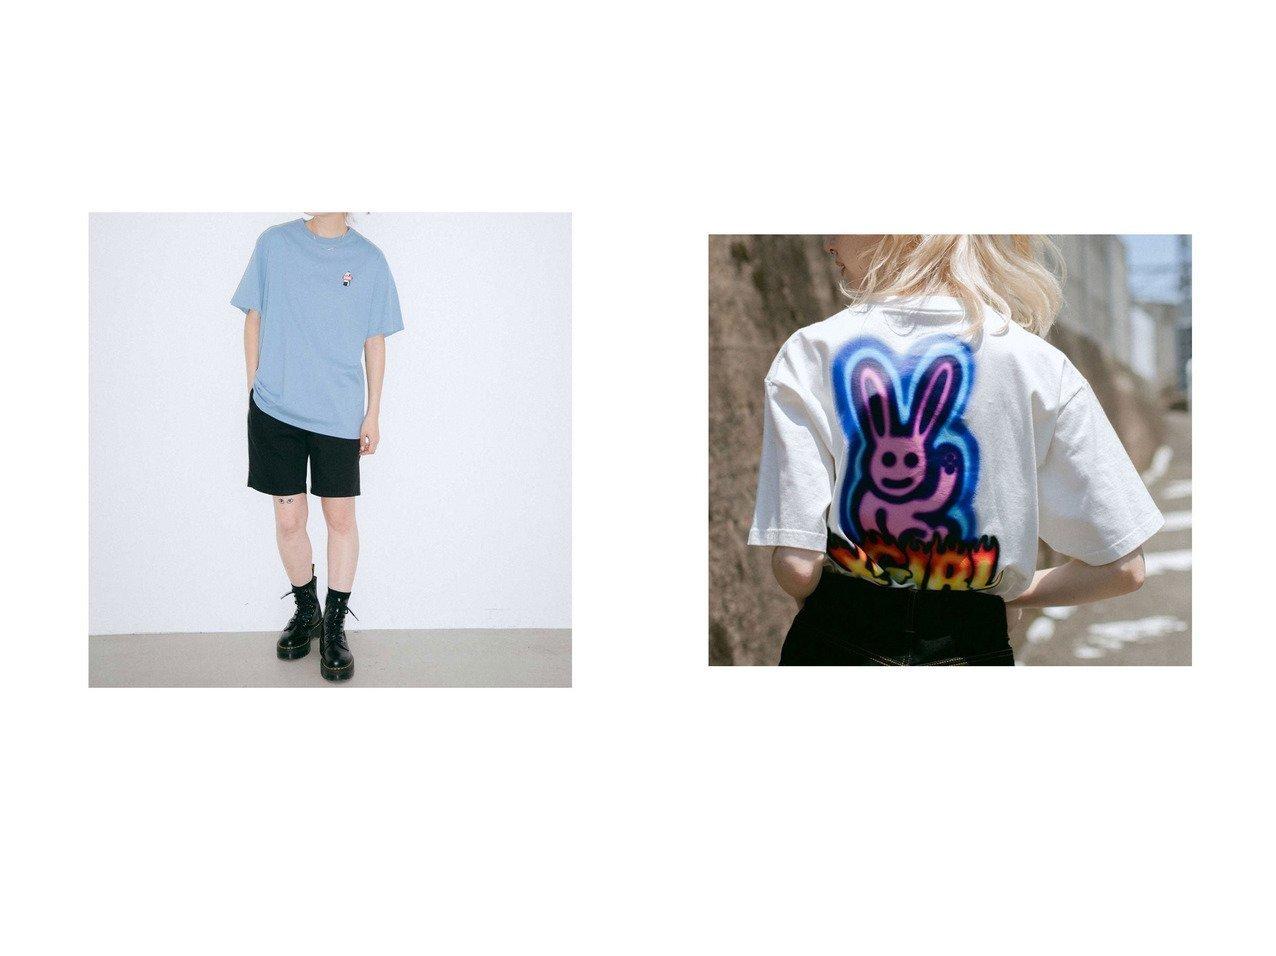 【X-girl/エックスガール】のS TEE おすすめ!人気、トレンド・レディースファッションの通販 おすすめで人気の流行・トレンド、ファッションの通販商品 インテリア・家具・メンズファッション・キッズファッション・レディースファッション・服の通販 founy(ファニー) https://founy.com/ ファッション Fashion レディースファッション WOMEN グラフィック プリント ベーシック 半袖 A/W・秋冬 AW・Autumn/Winter・FW・Fall-Winter 2021年 2021 S/S・春夏 SS・Spring/Summer 2021-2022秋冬・A/W AW・Autumn/Winter・FW・Fall-Winter・2021-2022 おすすめ Recommend 夏 Summer  ID:crp329100000062498